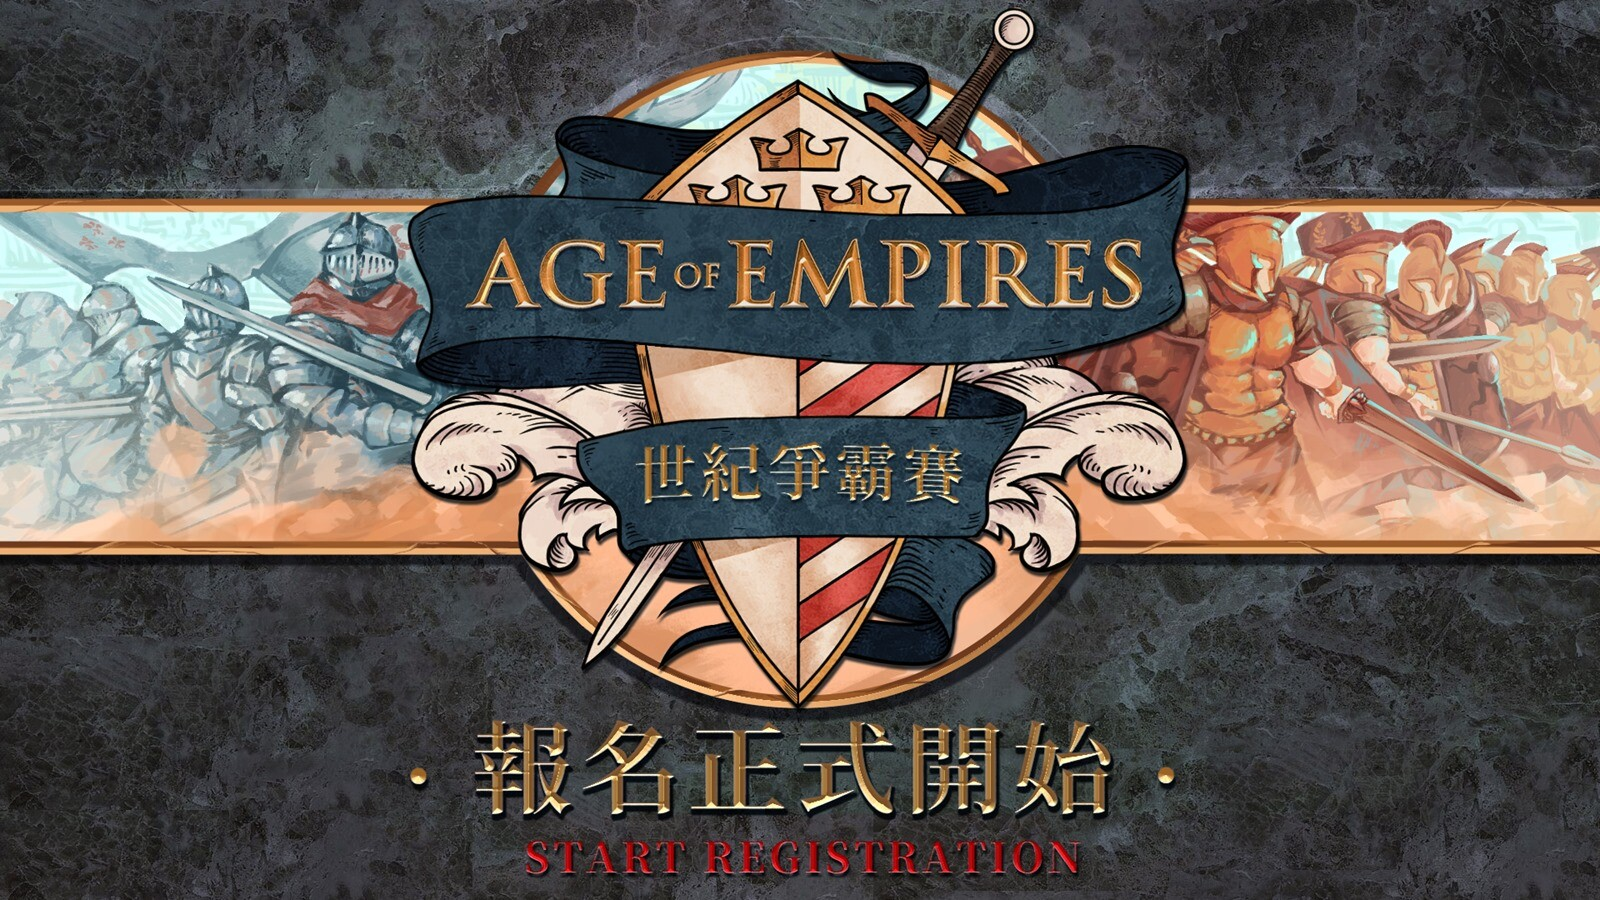 台灣微軟官方舉辦《世紀帝國-2:決定版》世紀爭霸賽現正開放報名.jpg @3C 達人廖阿輝